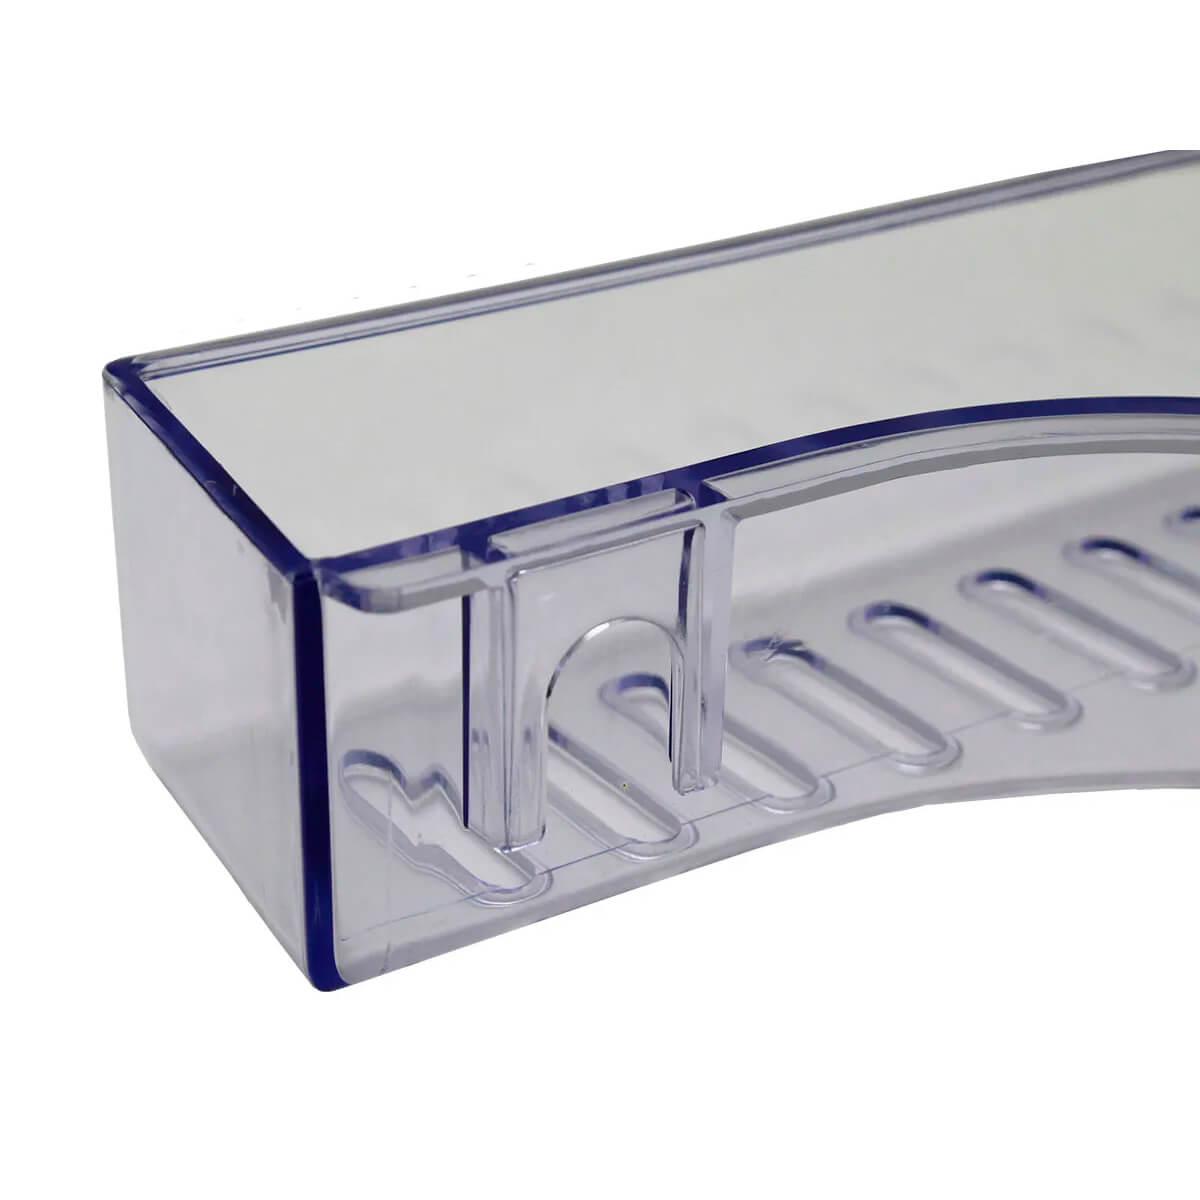 Prateleira Da Porta Para Refrigerador Electrolux DCW49 DC49X DW48X DF48X DFW48 DCW50 DC50X DW49X  - 67492513